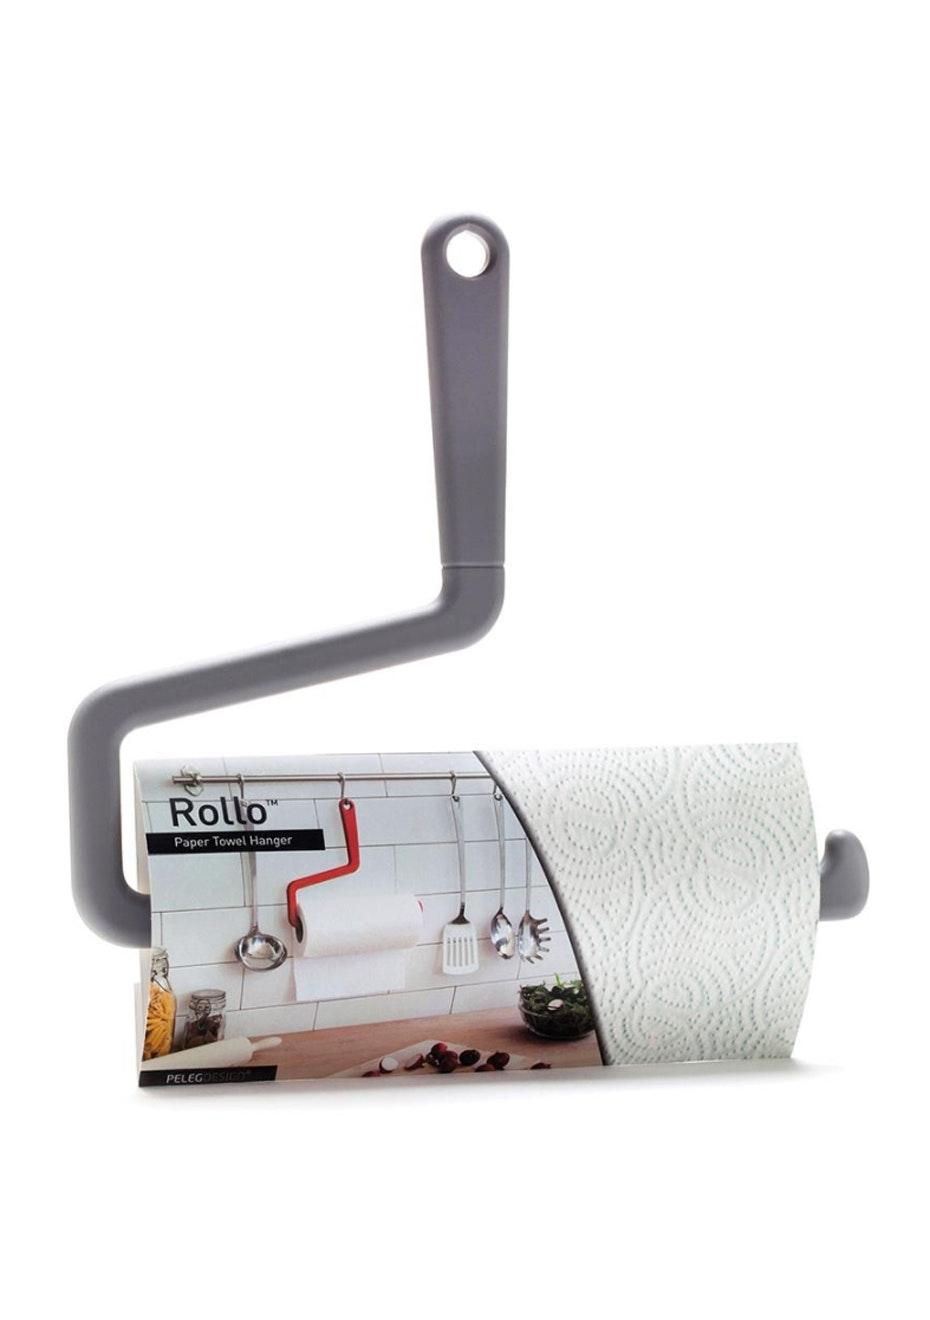 Rollo - Paper Towel Hanger - Grey